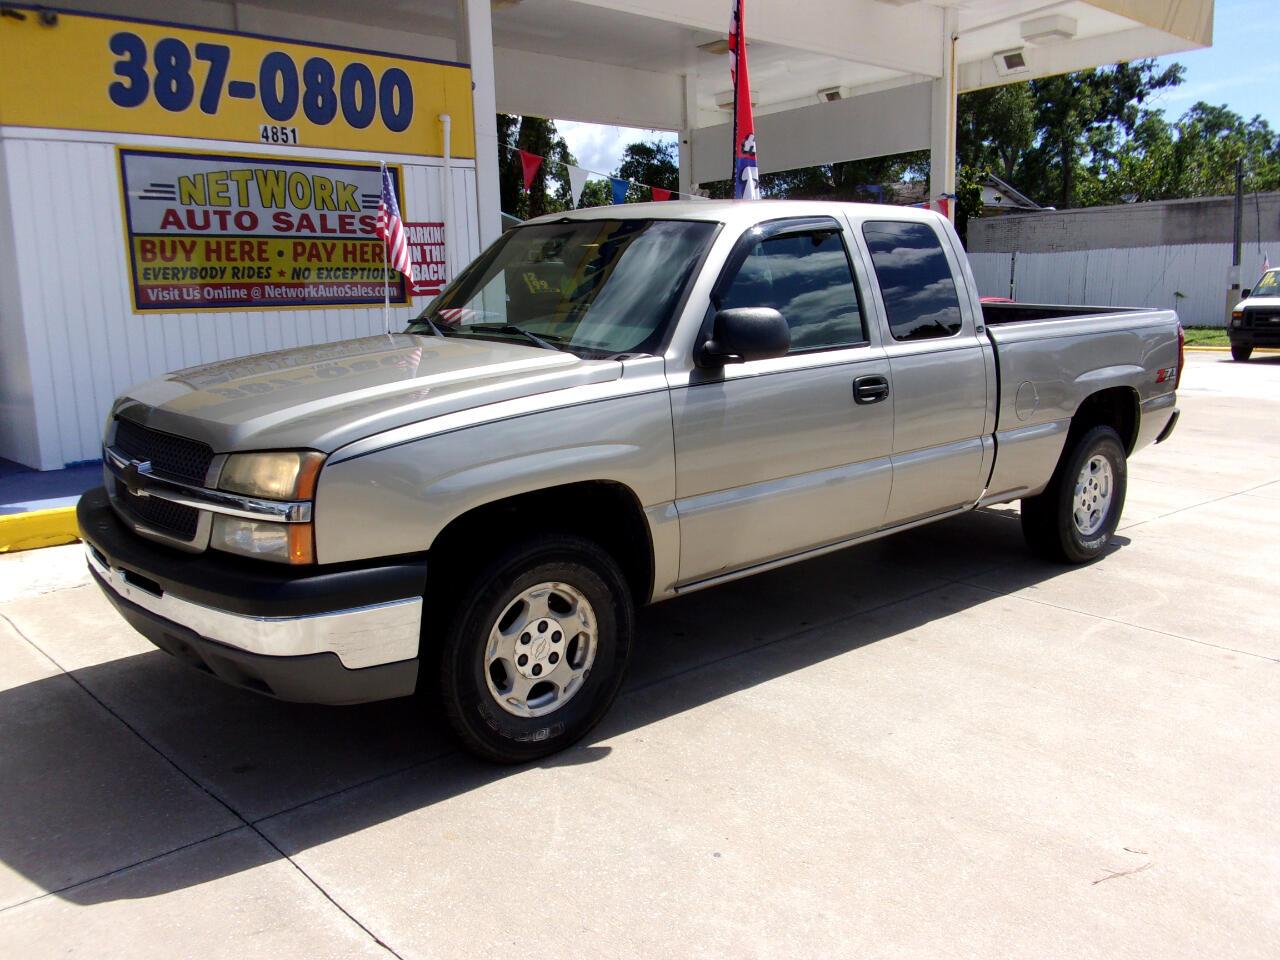 2003 Chevrolet Silverado 1500 1LT Double Cab 4WD